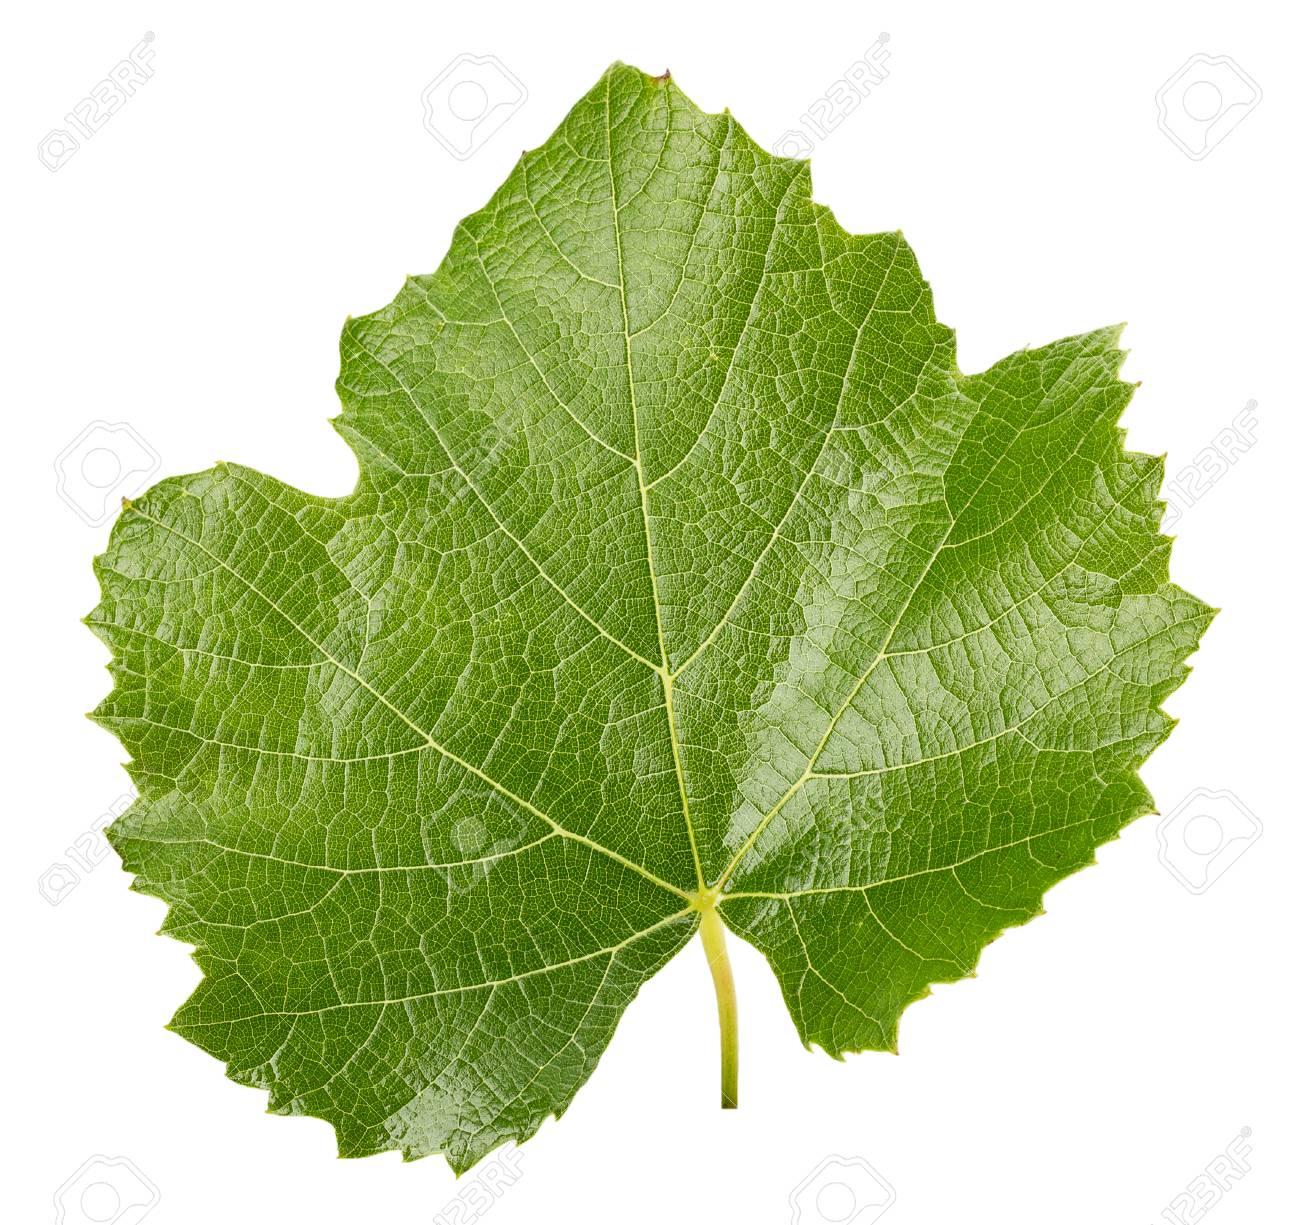 image: 35499879-feuille-de-vigne-isol%C3%A9-sur-fond-blanc-